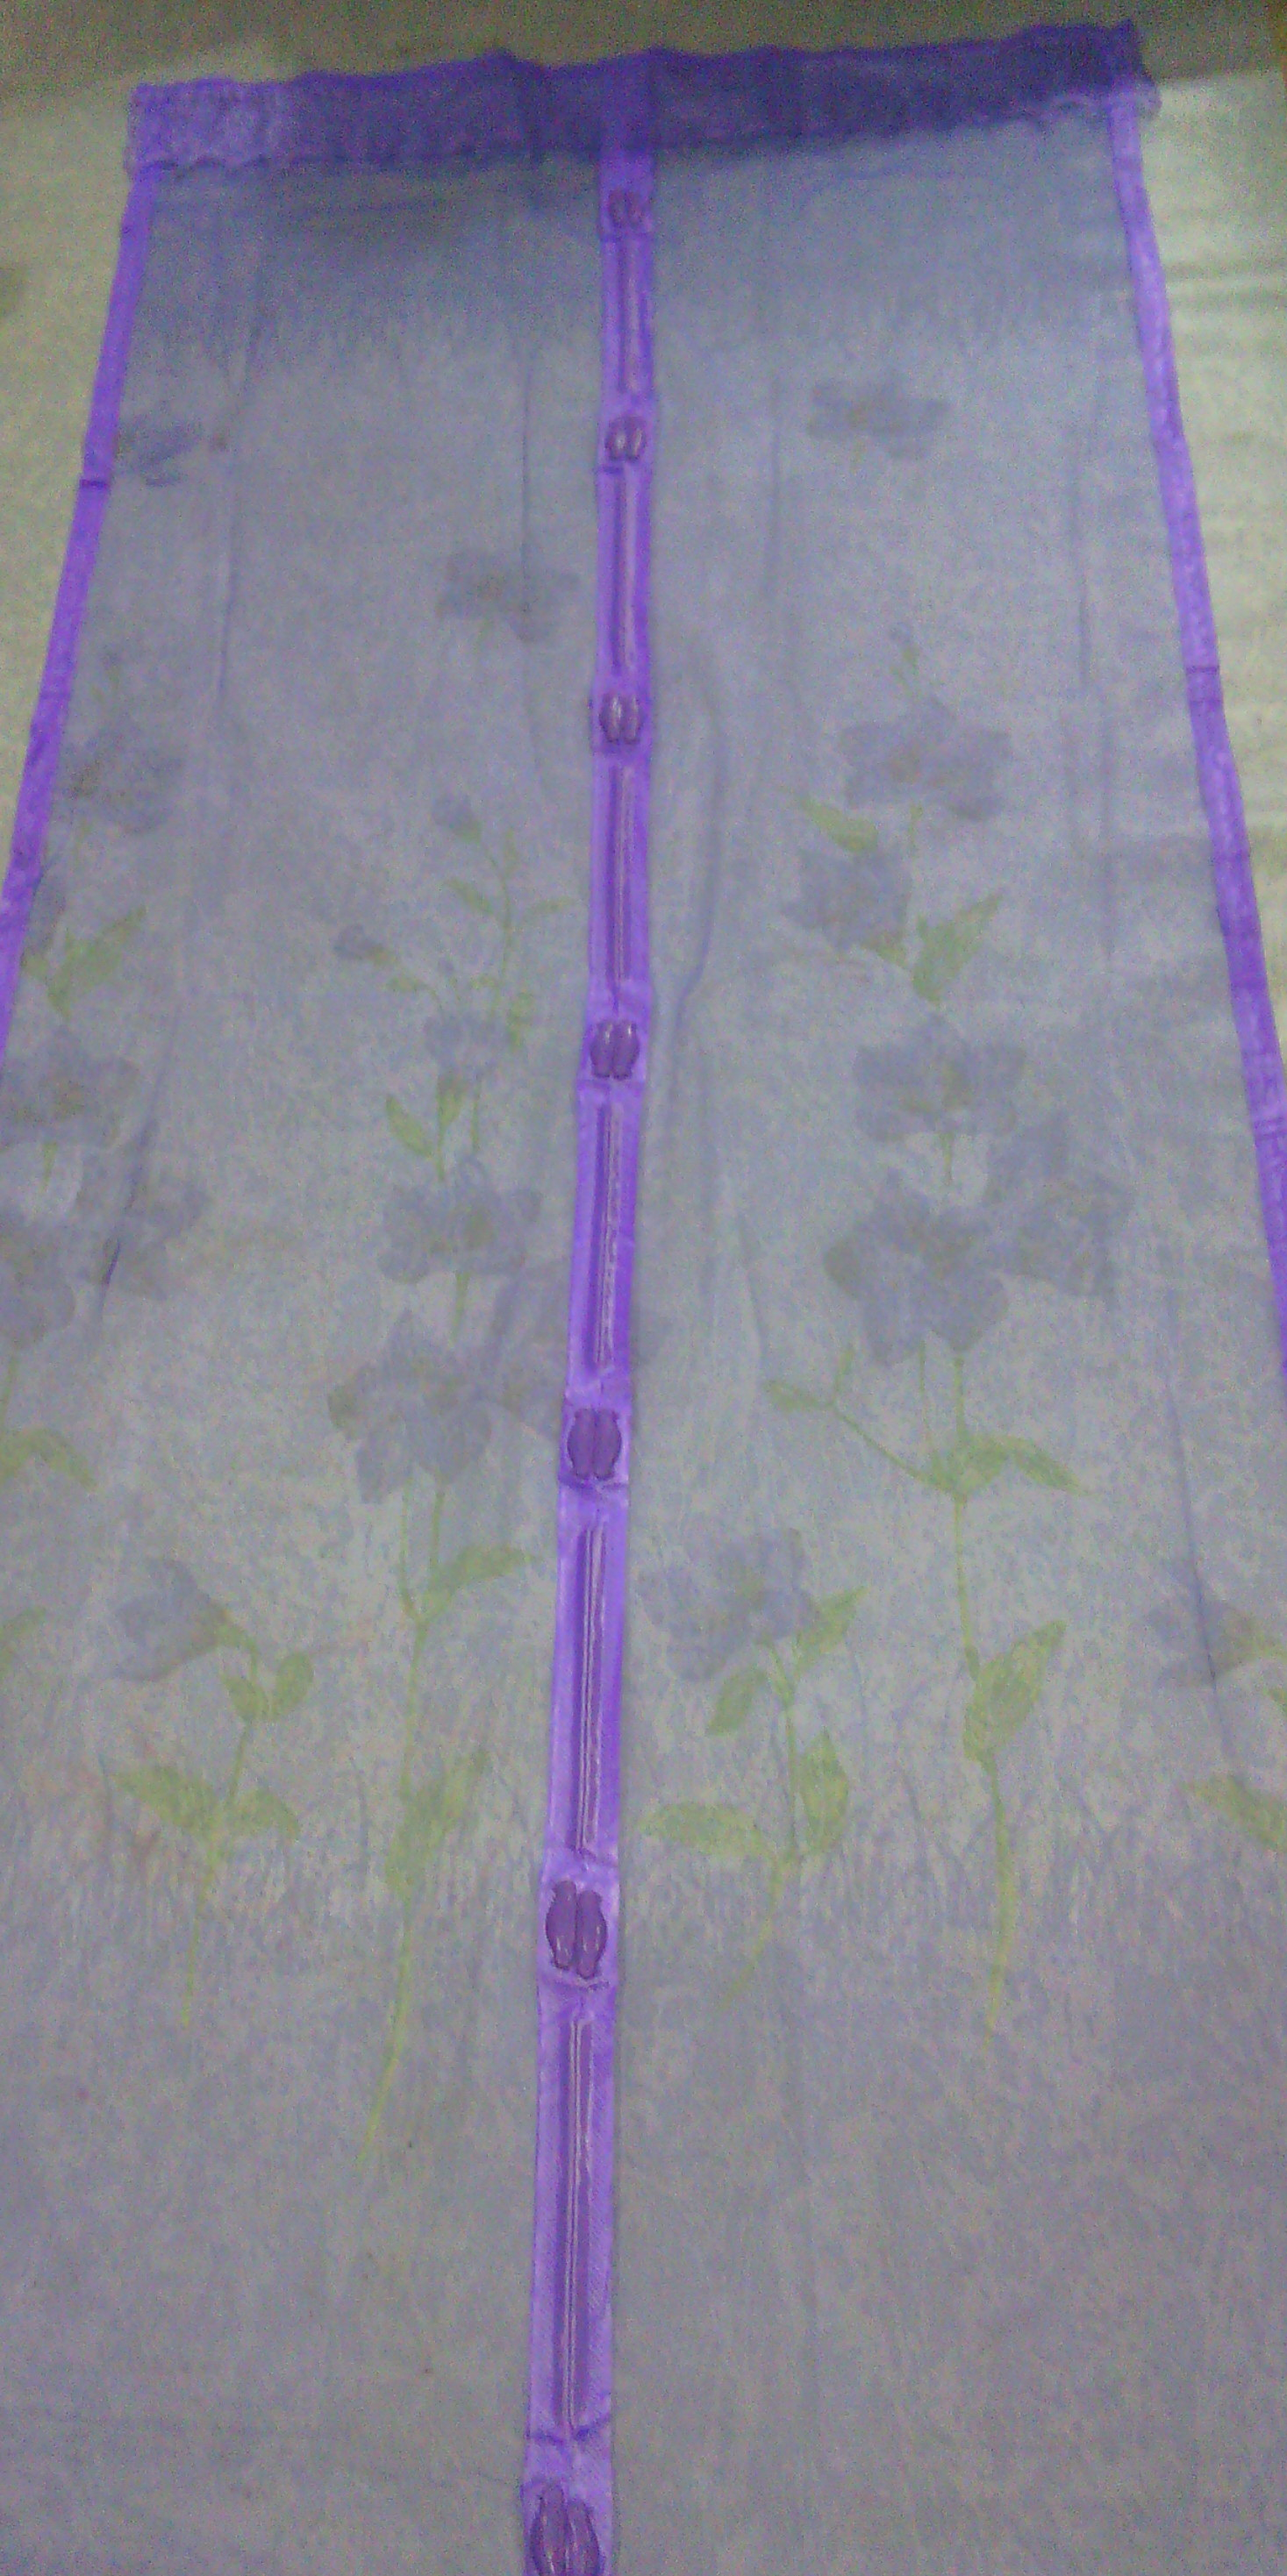 ม่านกันยุงแบบพิมพ์ลาย ไชส์ 100 สีม่วง/ทุ่งดอกไม้